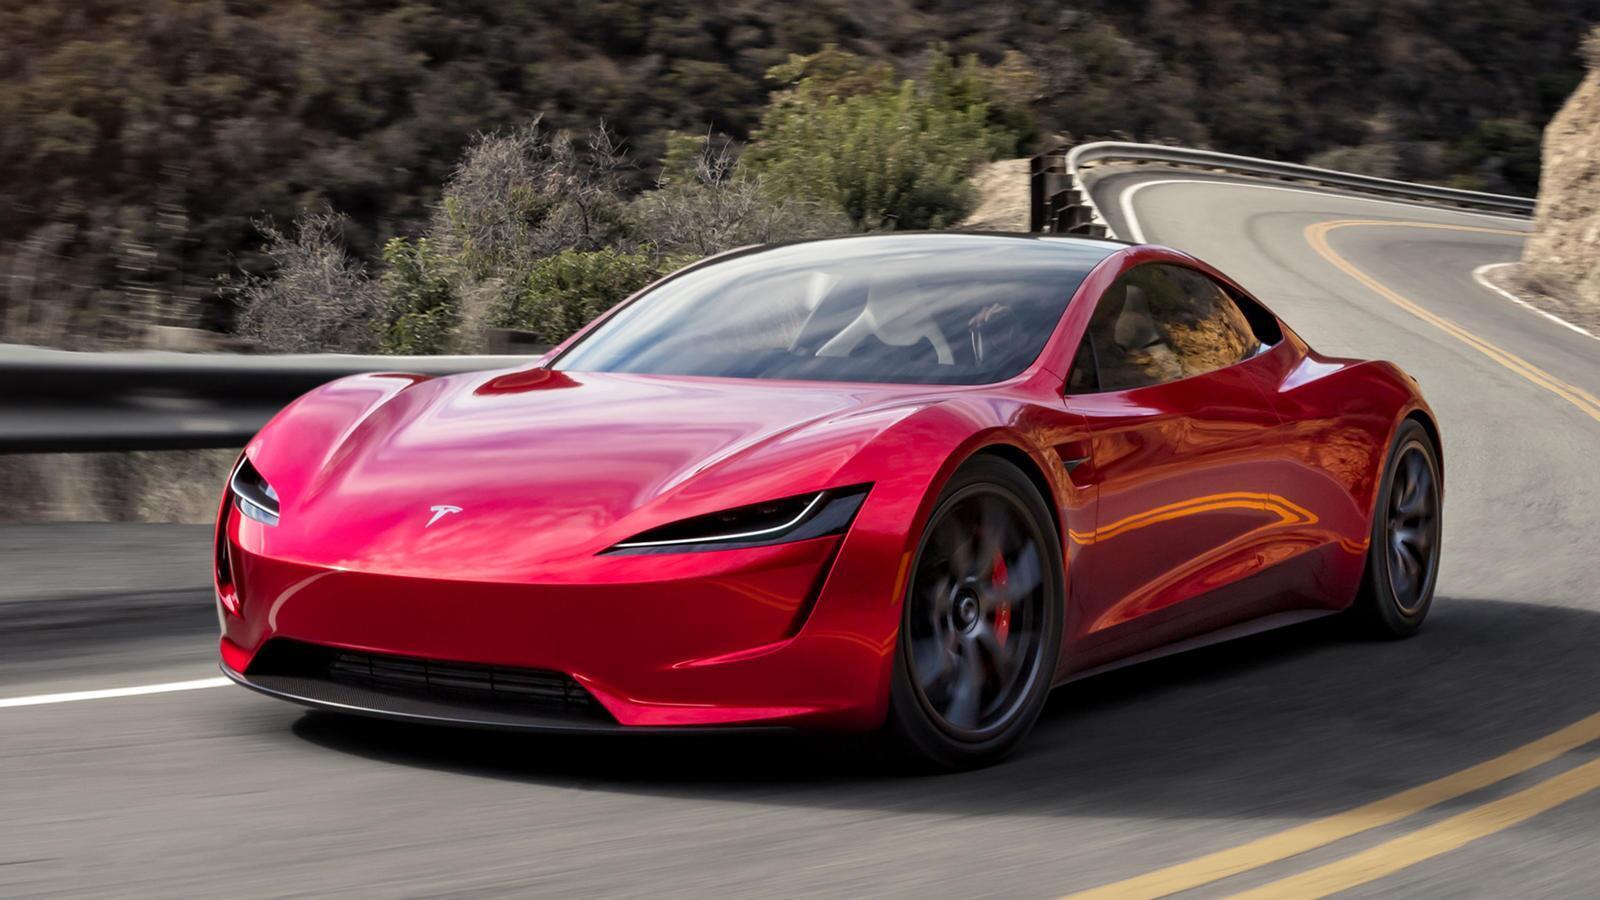 ۱۰ خودروی برتر برقی جهان در سال ۲۰۲۱